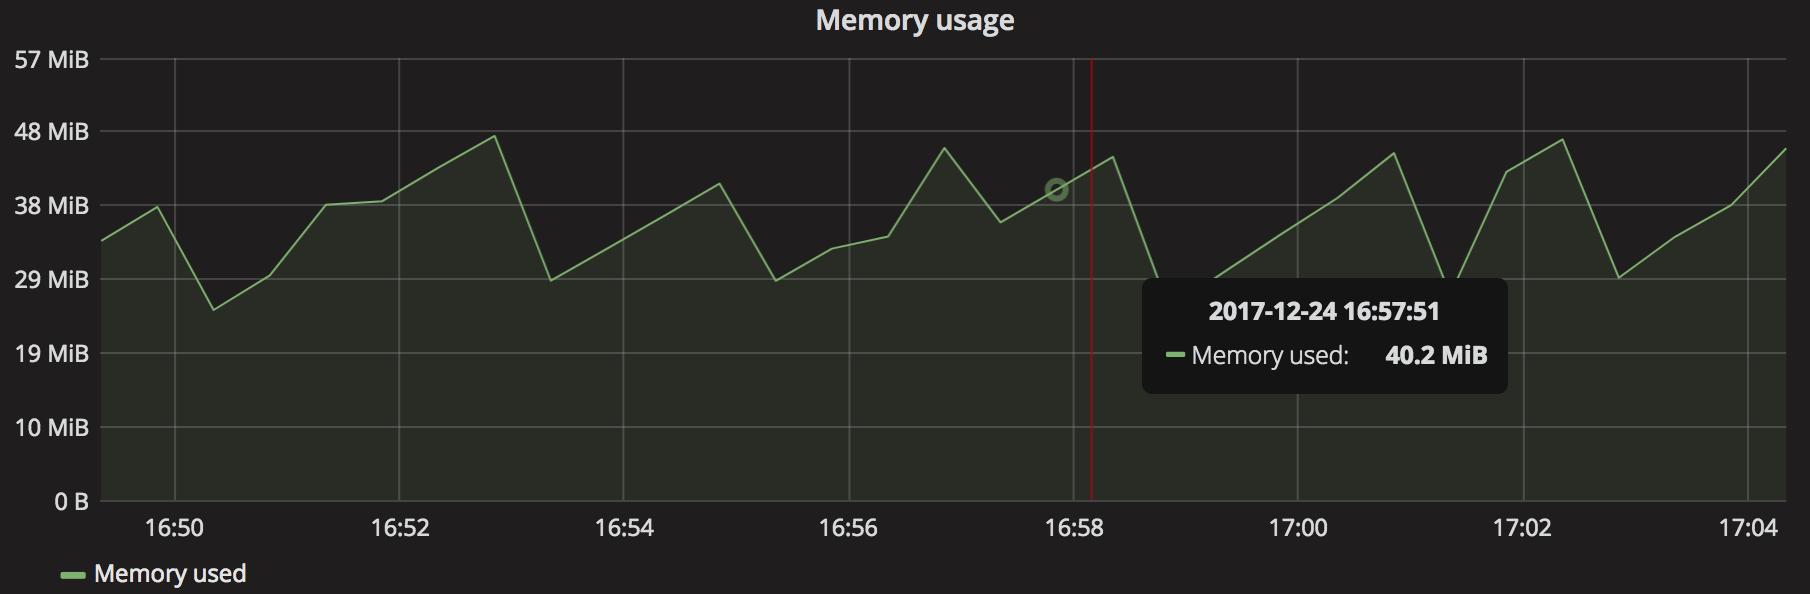 Memory usage gauge